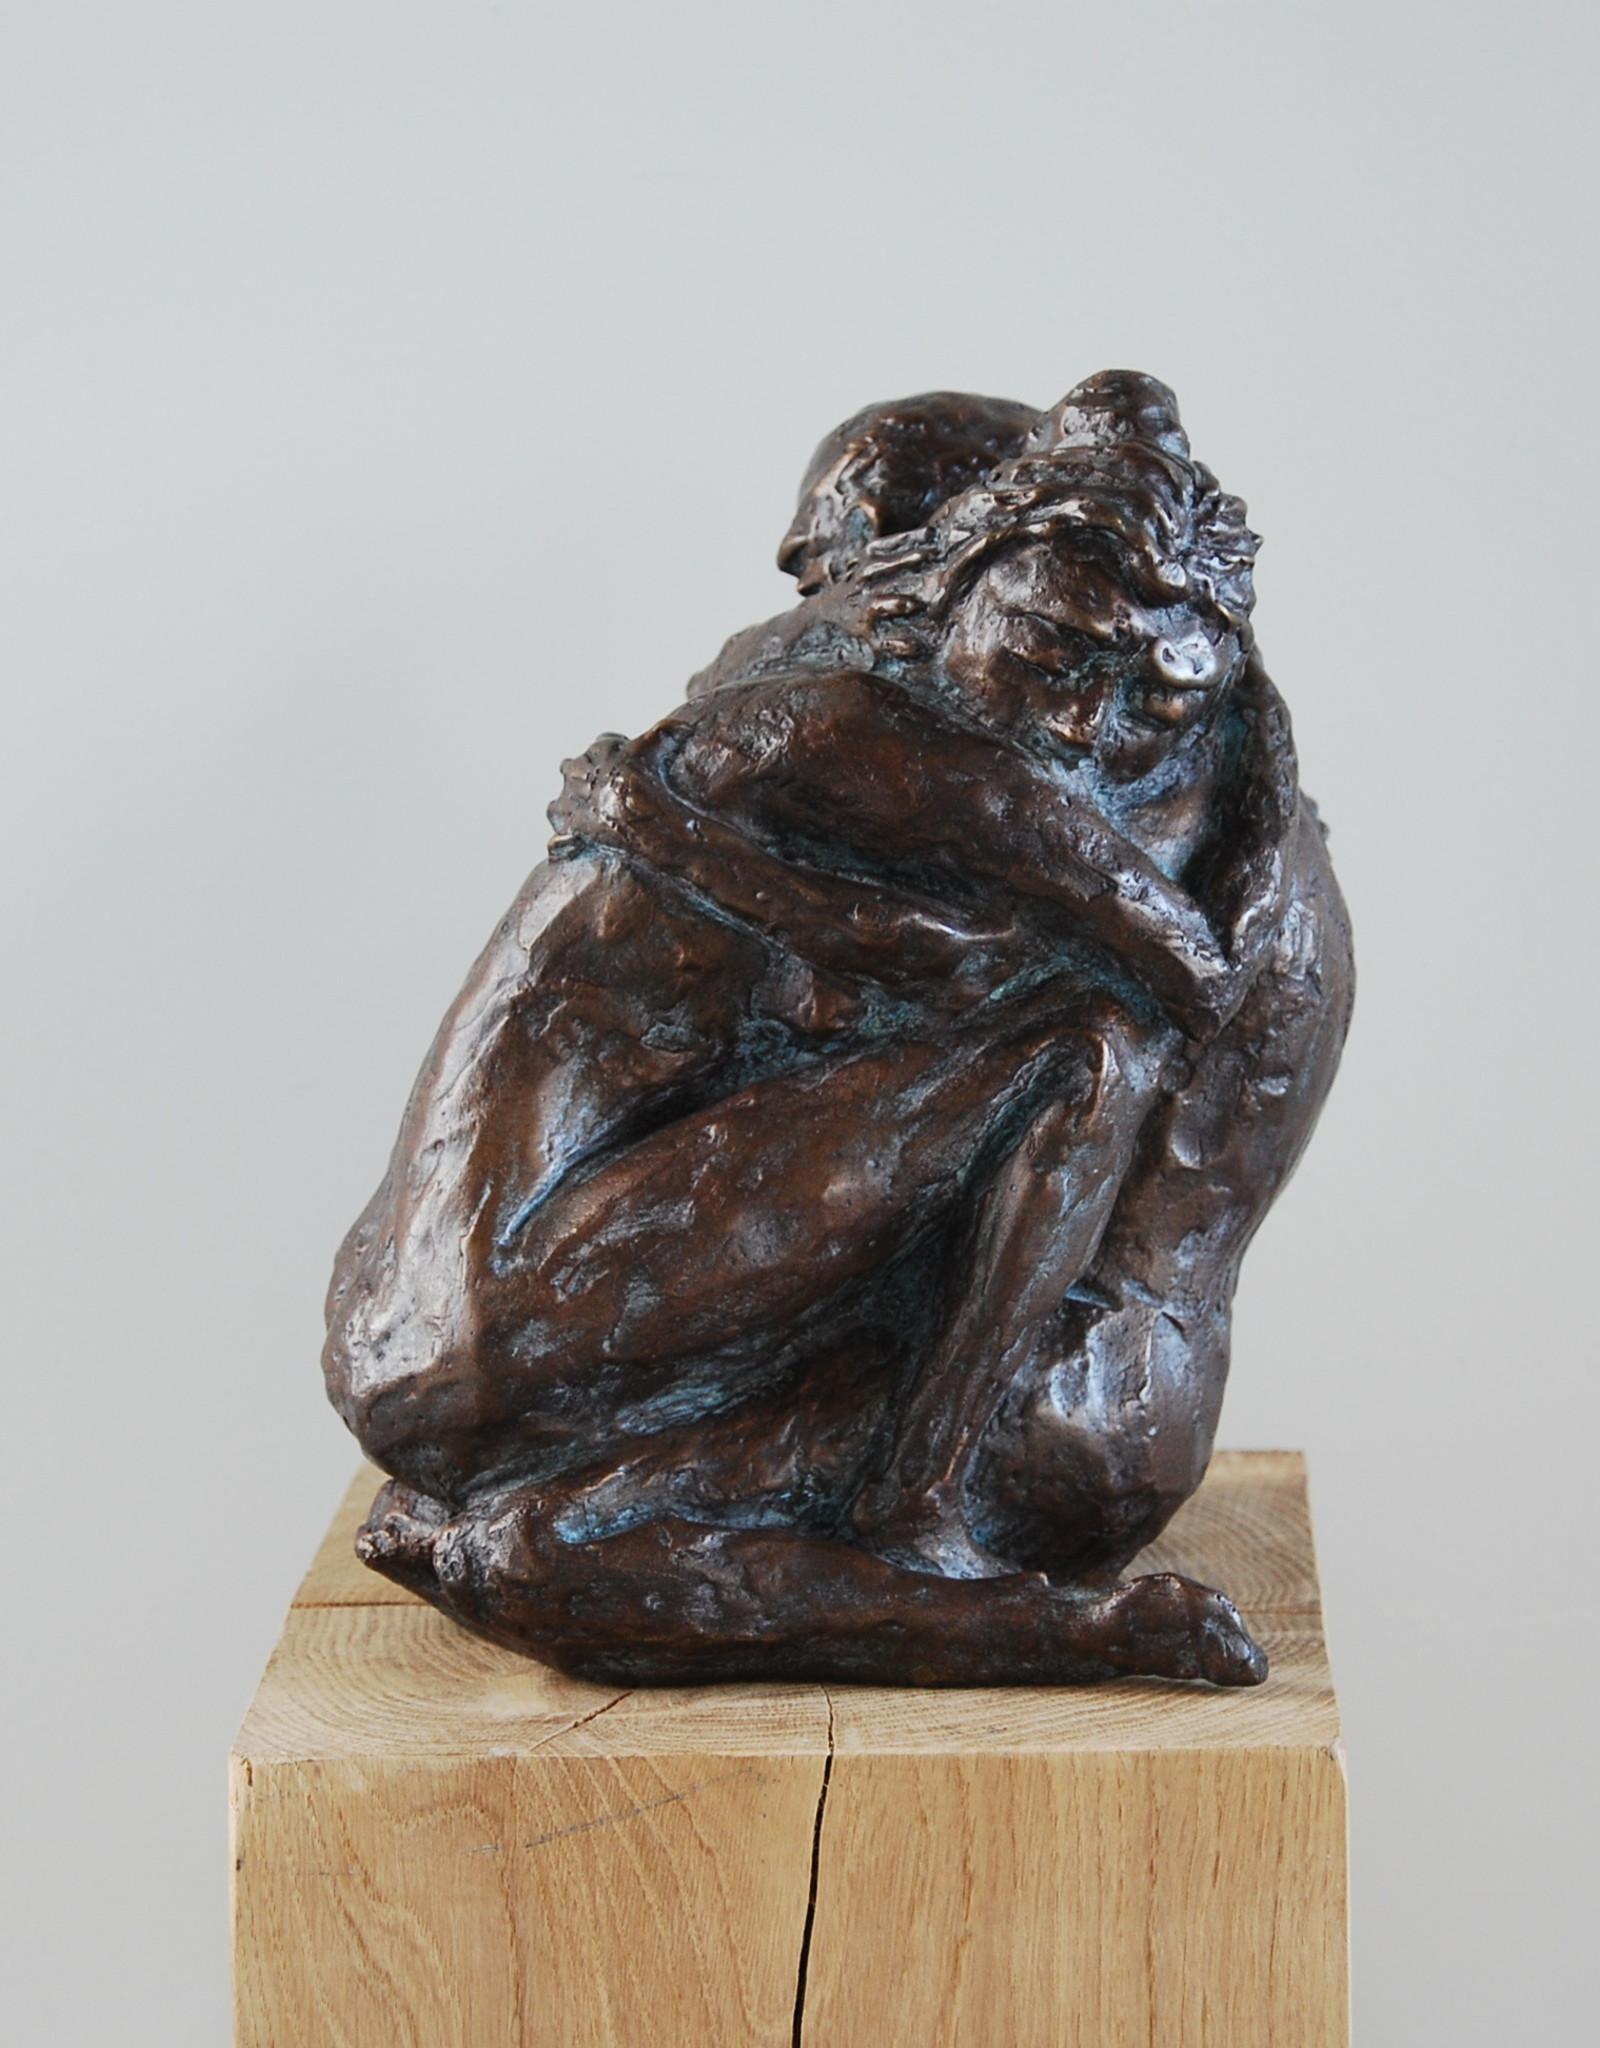 JACQUES VANROOSE INTENSE LOVE - BRONZEN BEELD